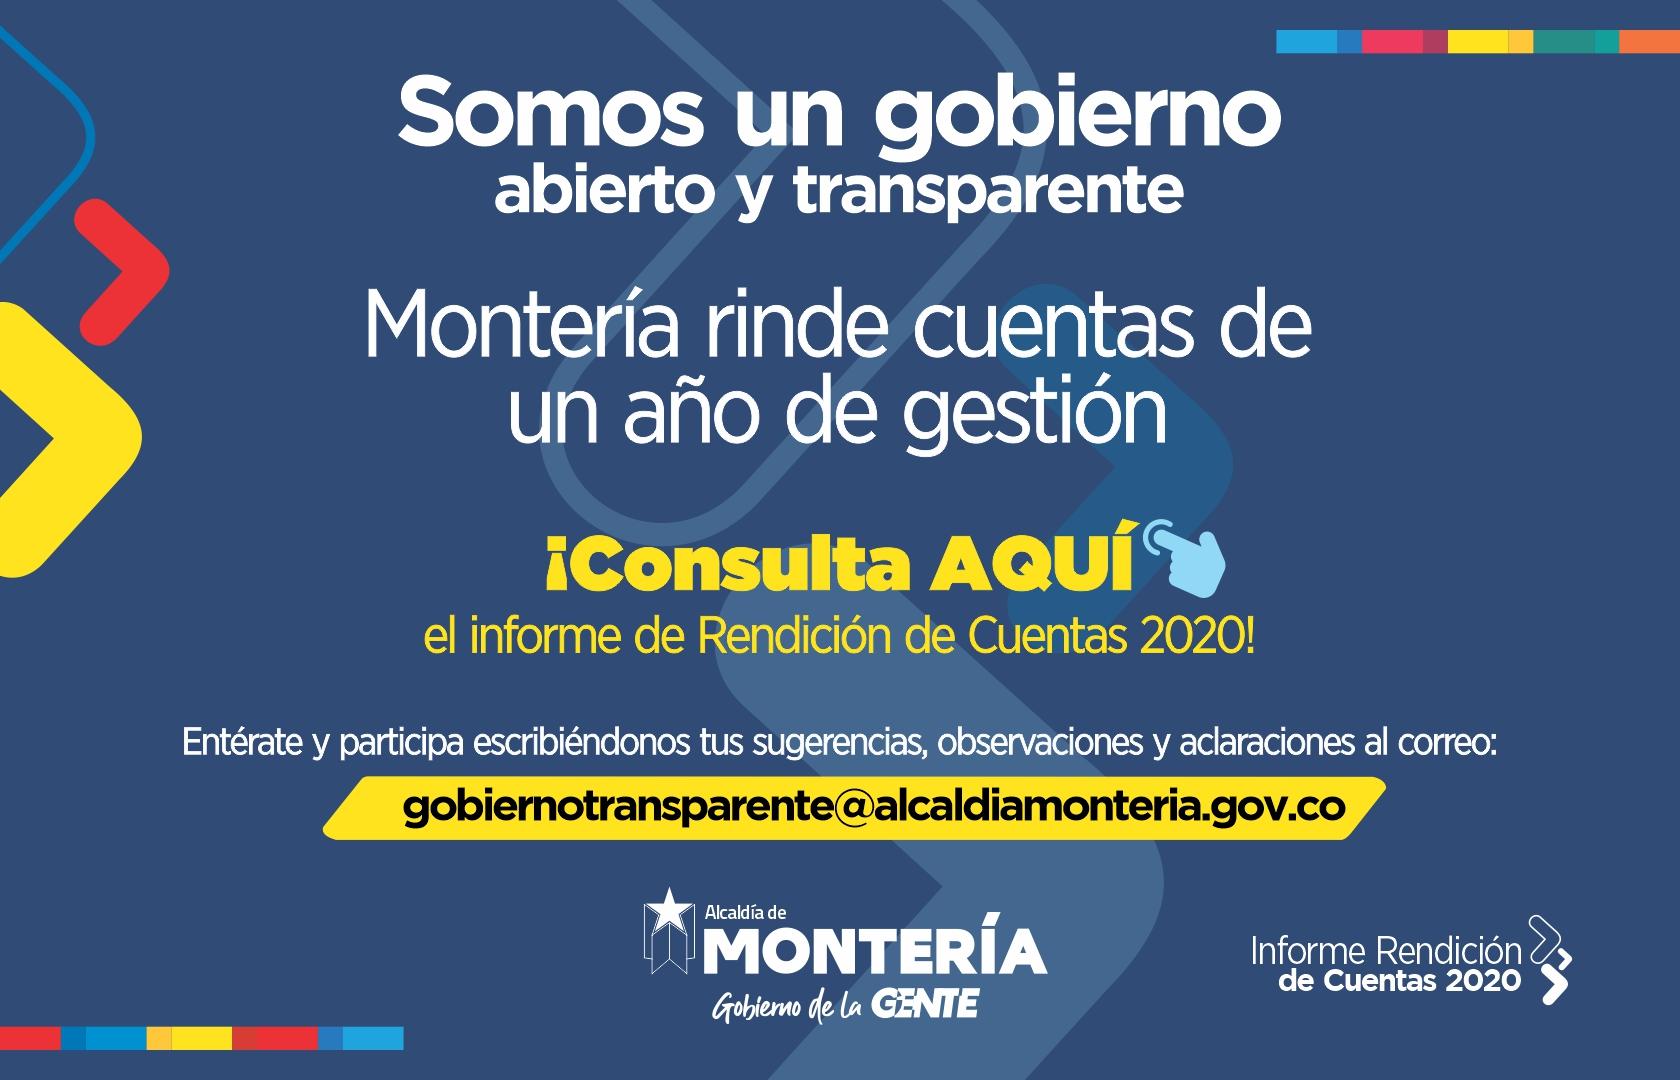 RENDICION DE CUENTAS 2020 GOBIERNO DE LA GENTE